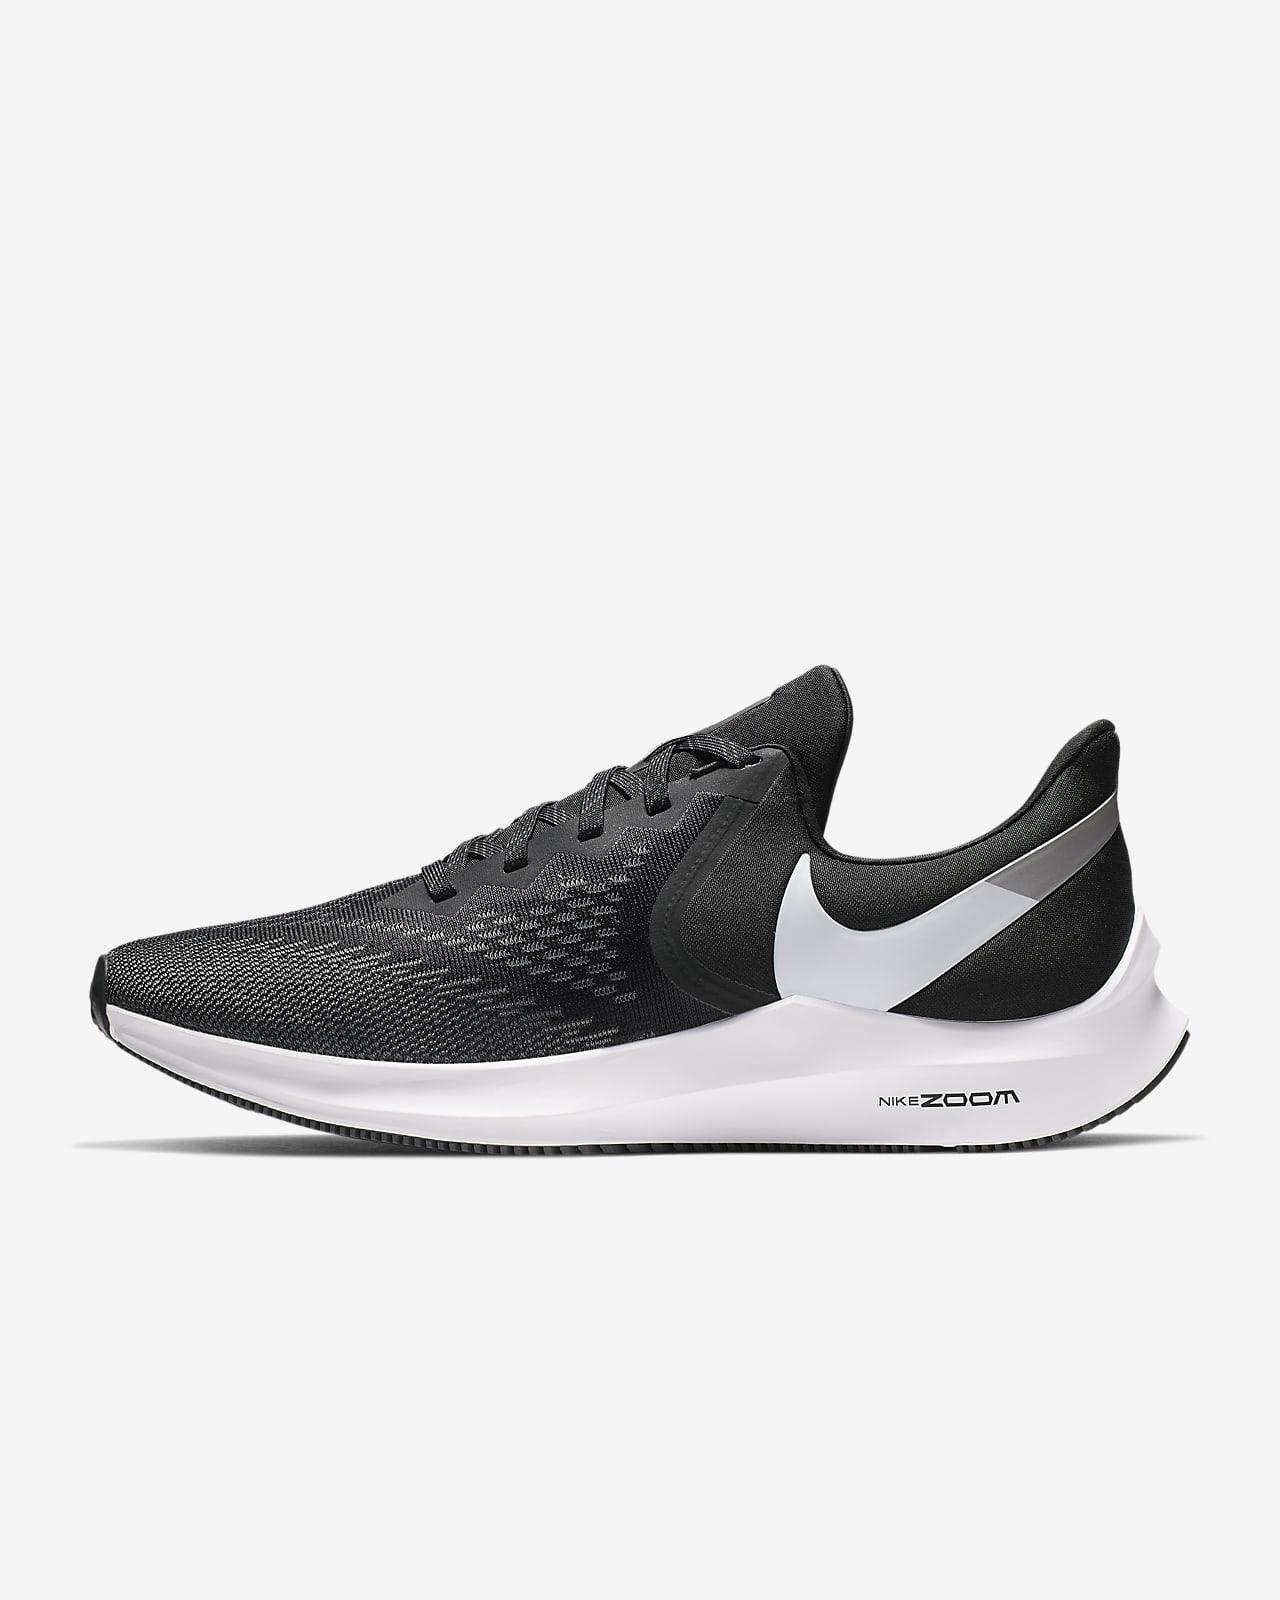 Nike Air Zoom Winflo 6 Erkek Koşu Ayakkabısı